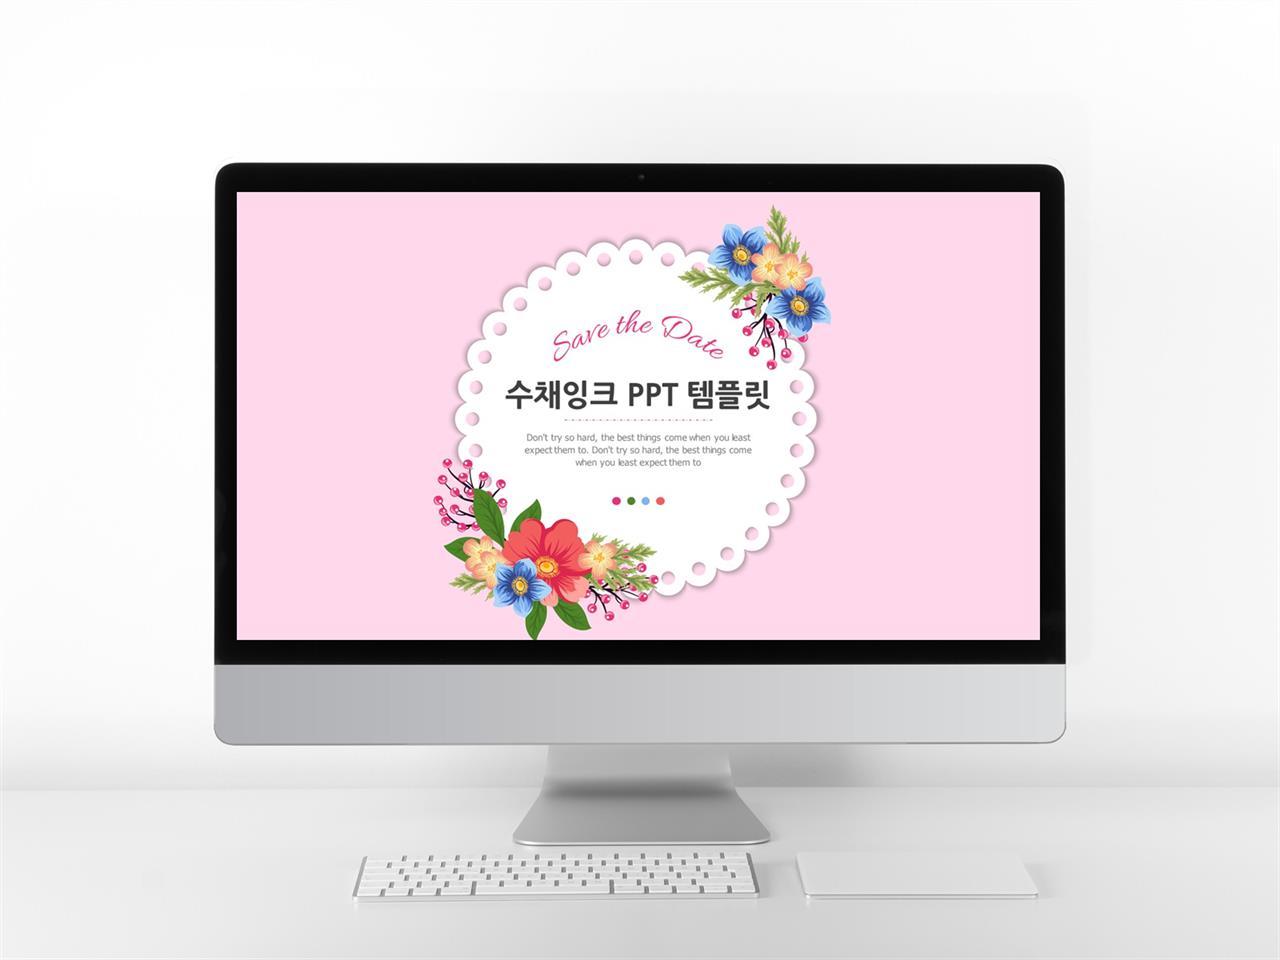 플라워, 동물주제 분홍색 귀여운 다양한 주제에 어울리는 파워포인트배경 디자인 미리보기